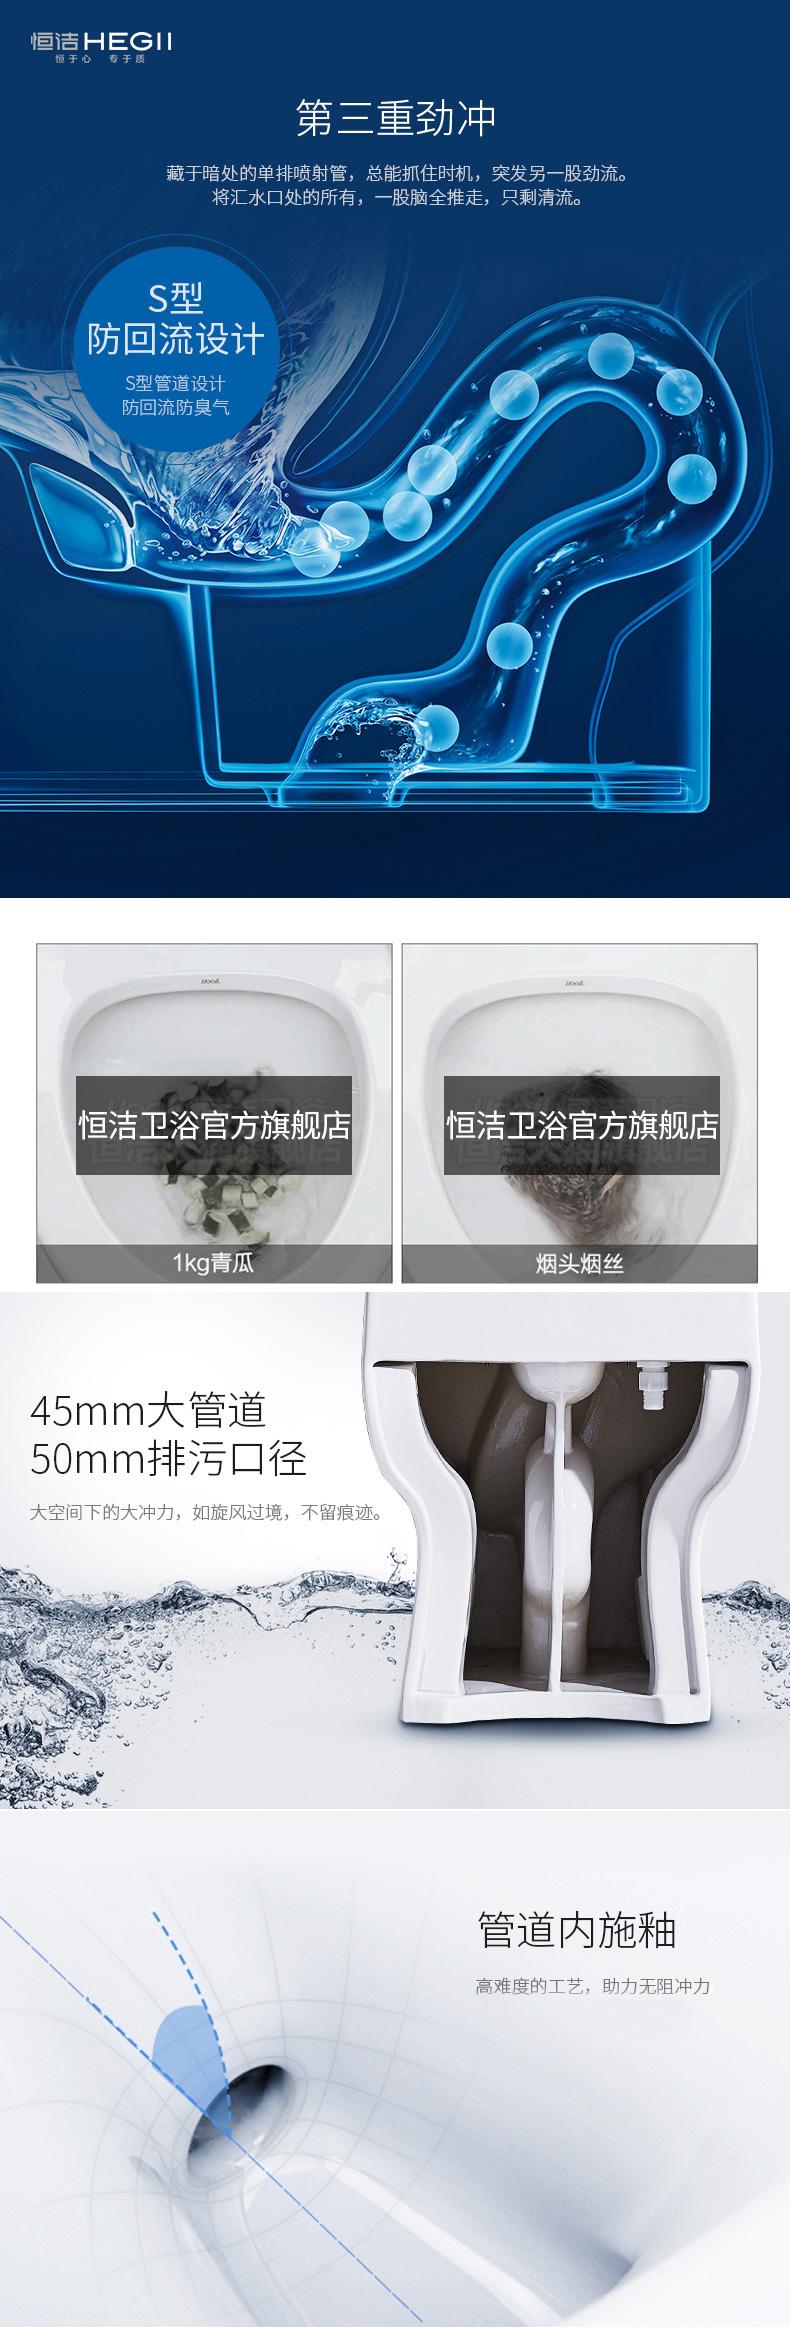 恒洁-大尺寸舒适款马桶HC0132PT_04.jpg